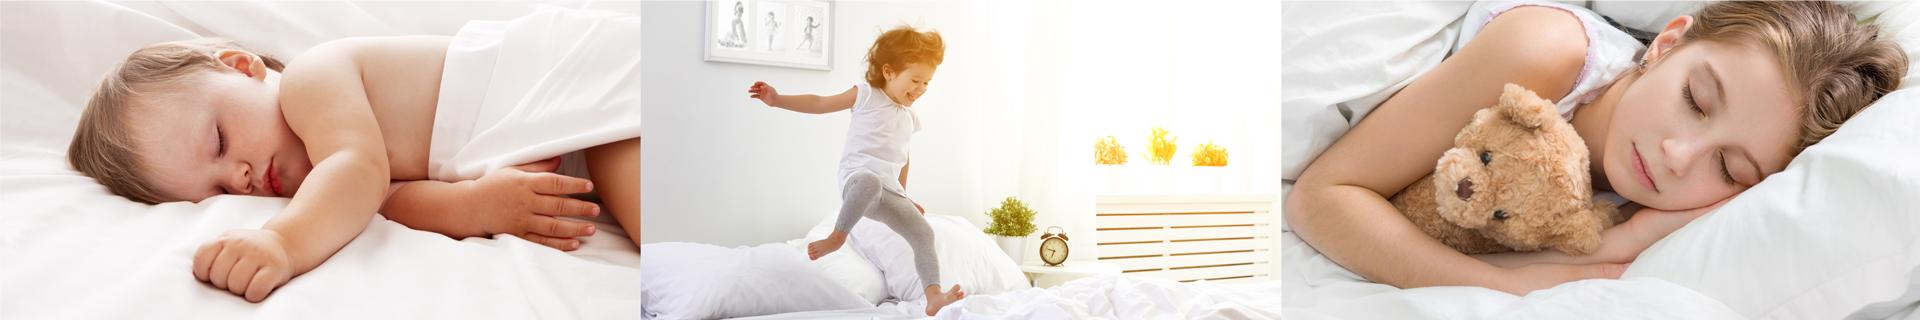 Materac dla niemowlaka, noworodka – My Sweet Room – Meble dziecięce